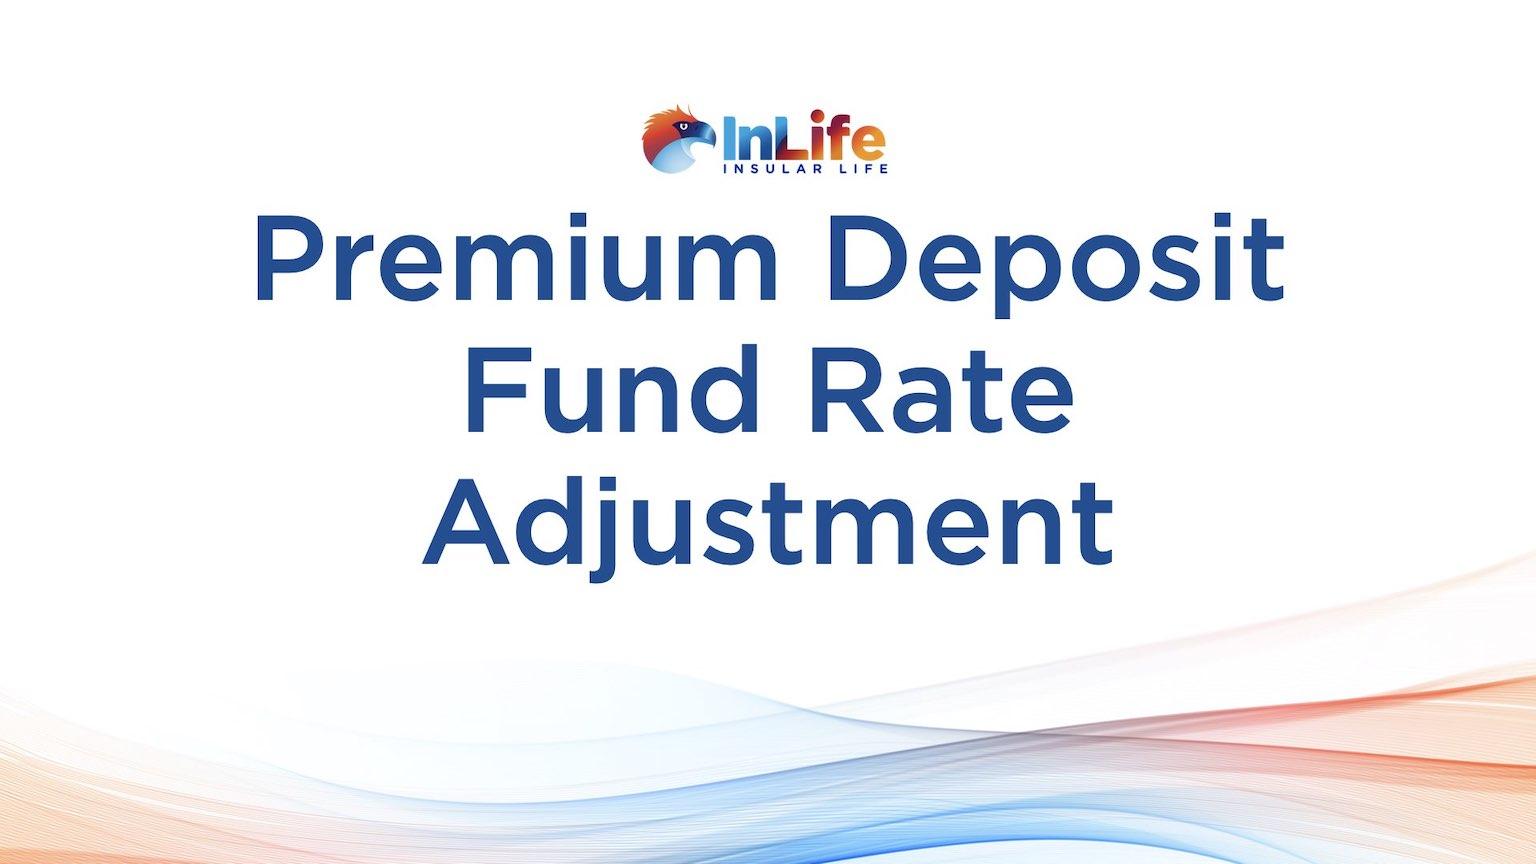 Advisory on Adjustment of Premium Deposit Fund Rate